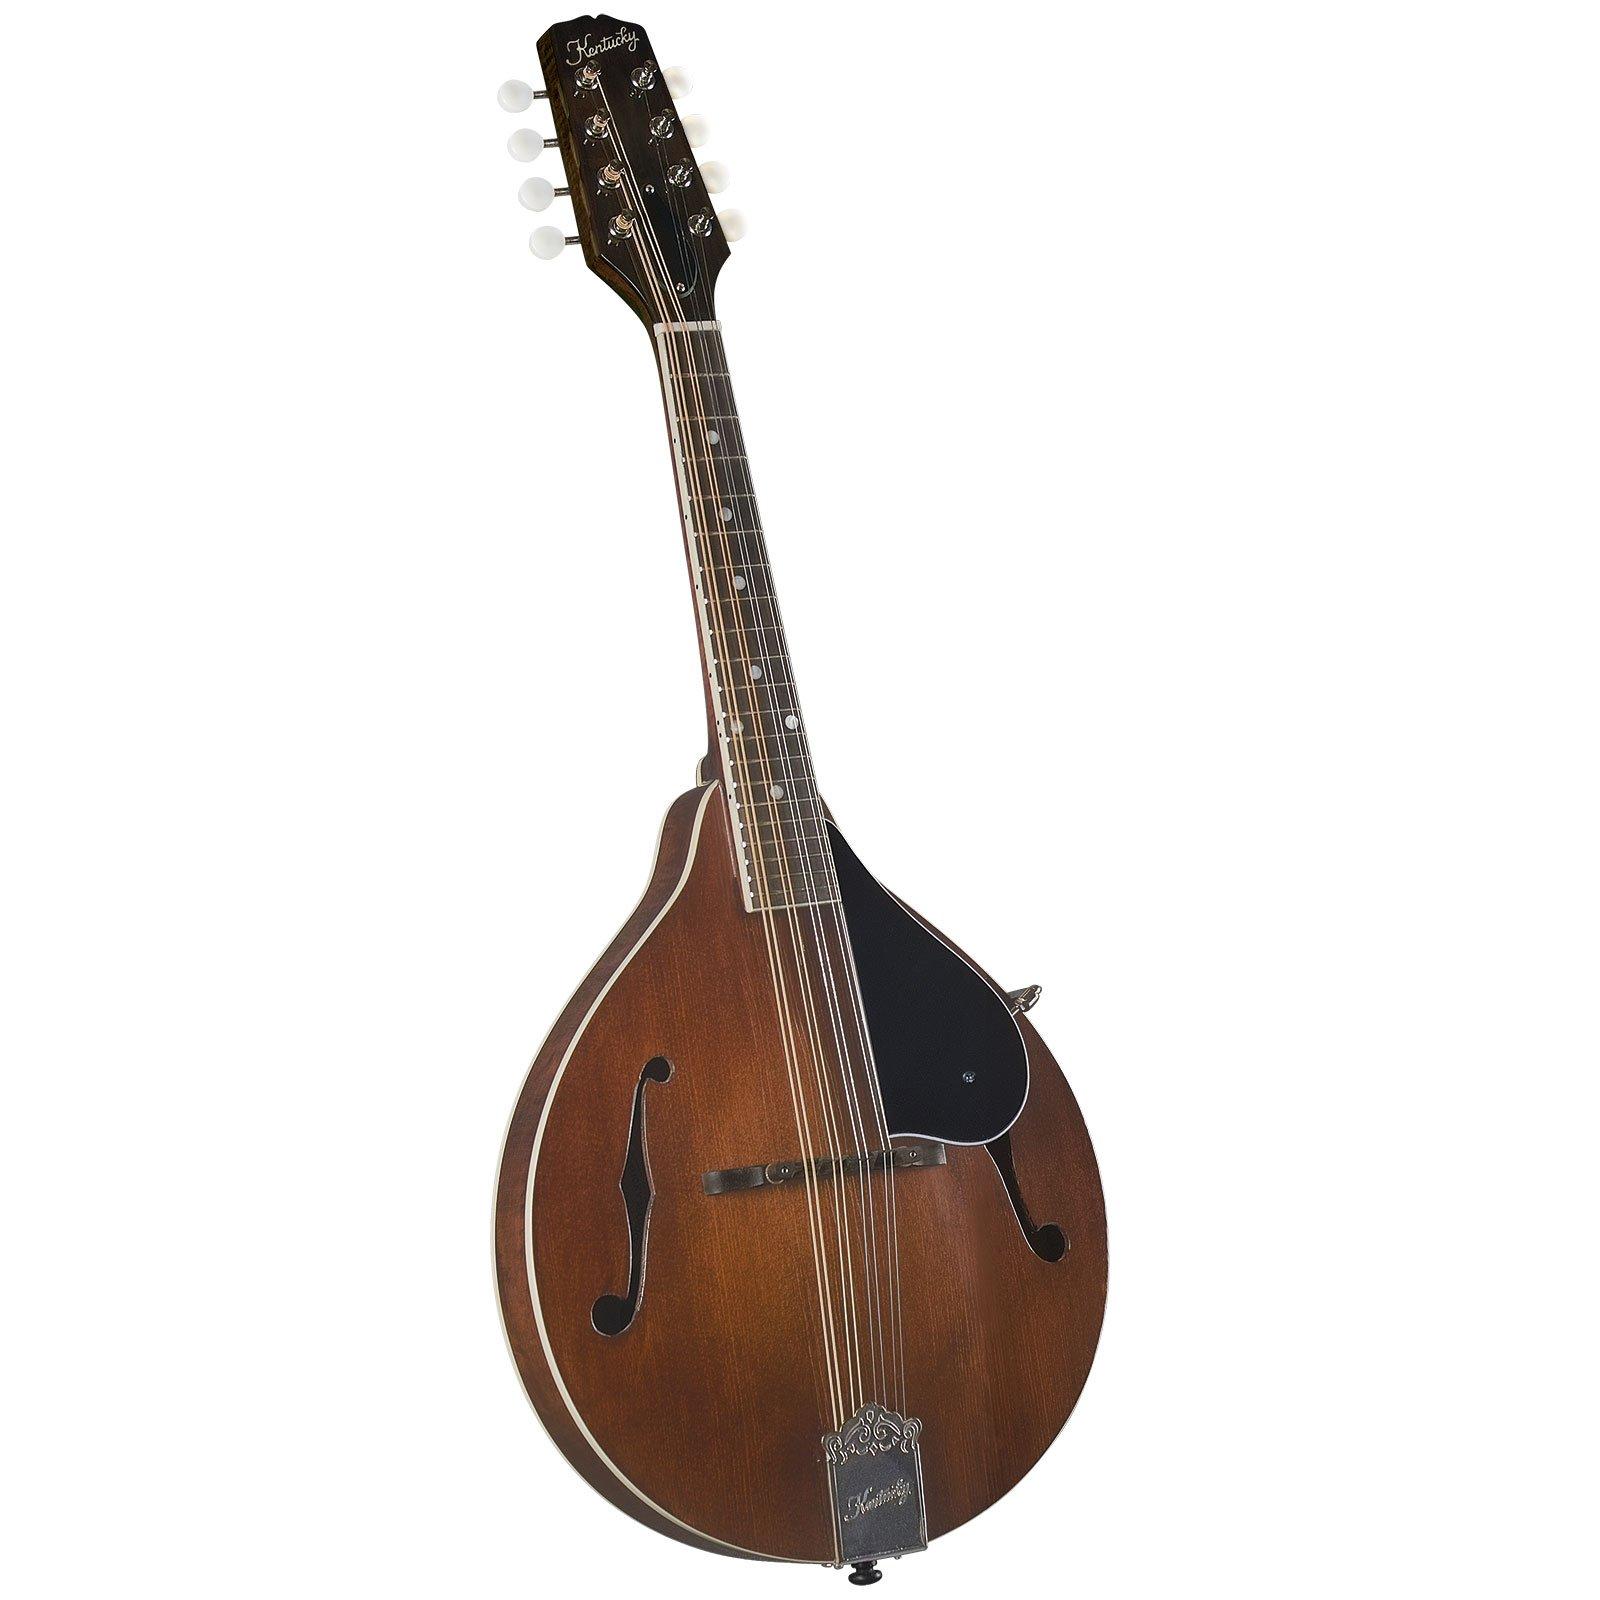 Kentucky KM-156 Standard A-Model Mandolin - Transparent Brown